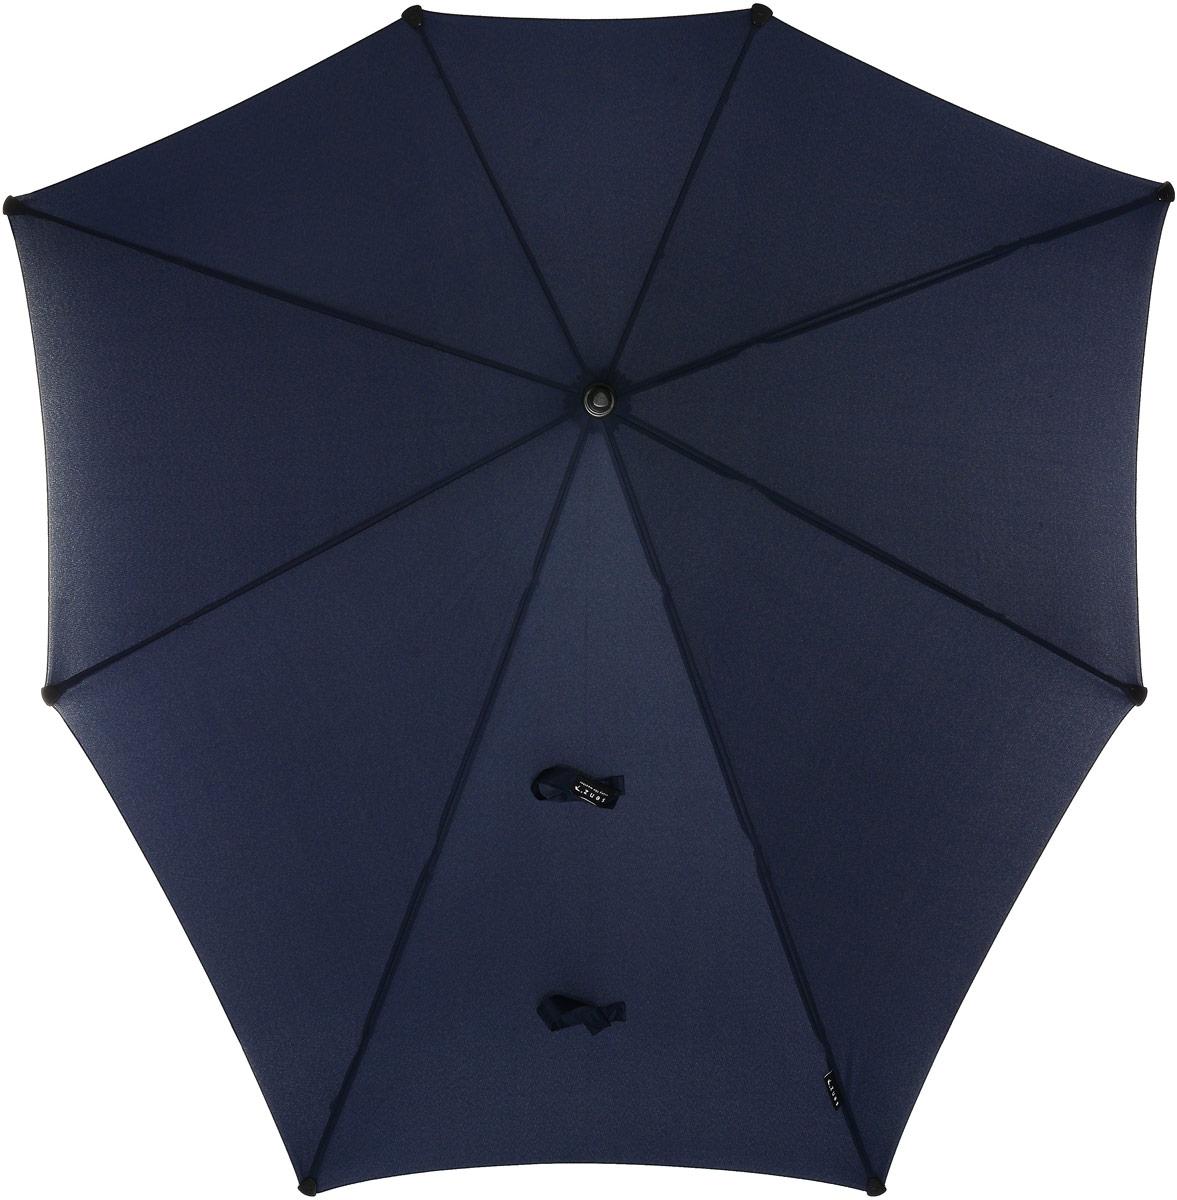 Зонт-трость Senz, механика, цвет: темно-синий. 40110024011002Элегантный и самый большой зонт-трость в коллекции бренда Senz не оставит вас без внимания. Оформлена модель в лаконичном дизайне. Конструкция зонта выполнена из стеклопластика, а ручка изготовлена из алюминия. Купол выполнен из качественного полиэстера, который не пропускает воду. Также зонт имеет заостренный наконечник, который устраняет попадание воды на стержень и уберегает зонт от повреждений. Изделие имеет механическое устройство сложения: купол открывается и складывается вручную до характерного щелчка. В комплекте имеется прочный чехол из плотной ткани с лямкой на плечо. Форма оригинального зонта продумана так, что вы легко найдете самое удобное положение на ветру - без паники и без борьбы со стихией.